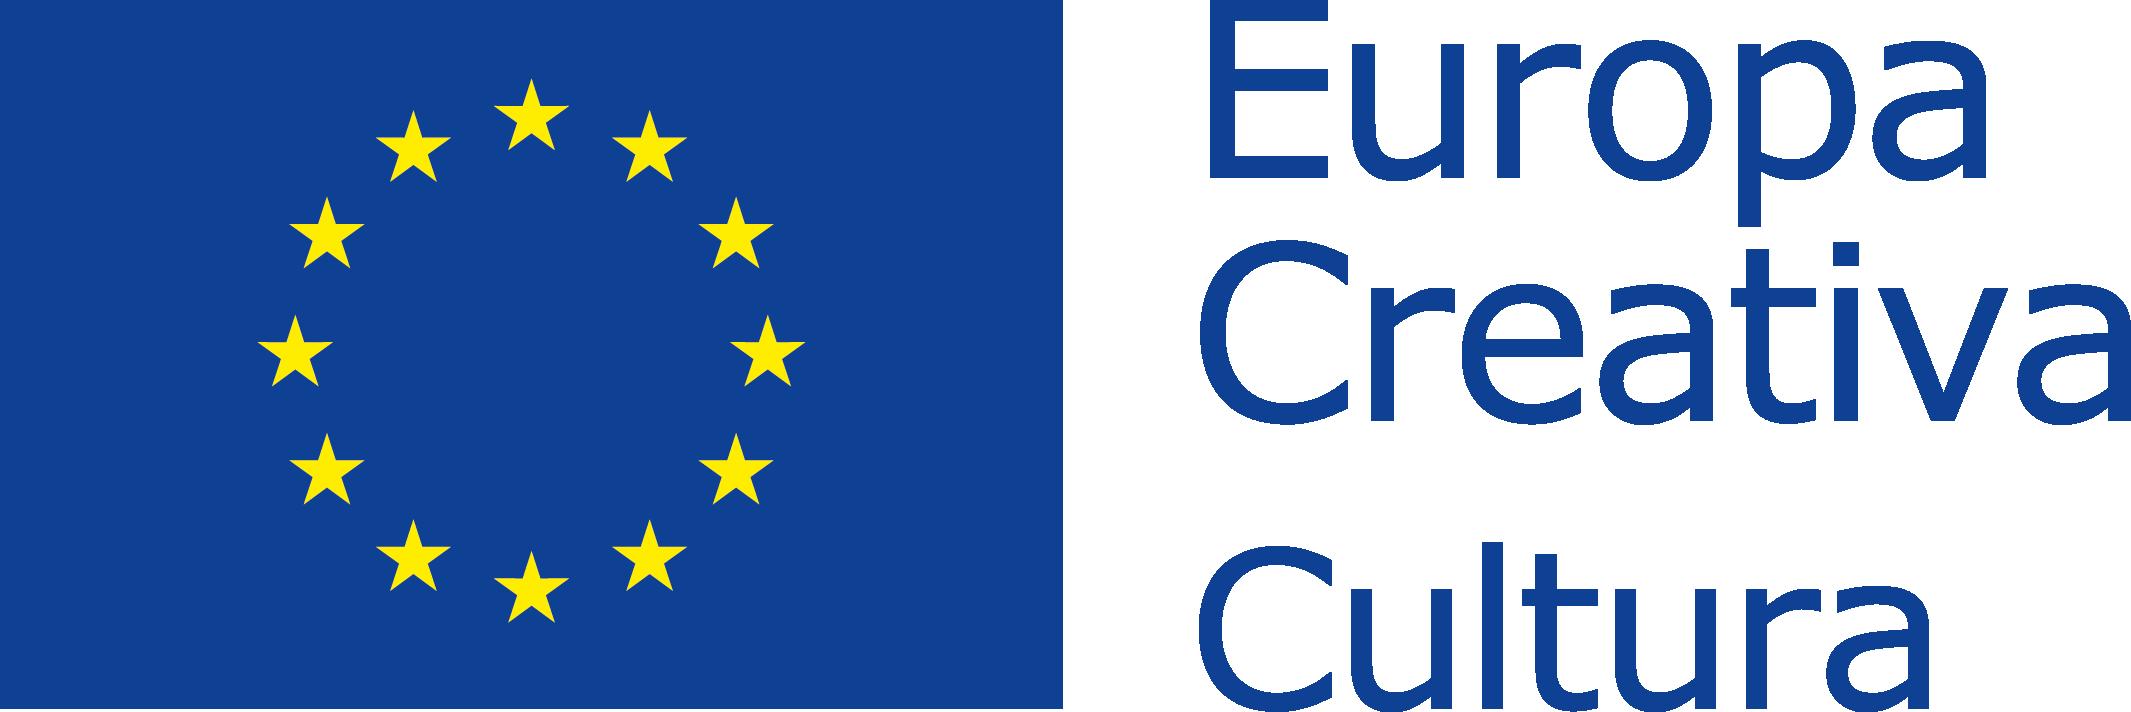 Convocatòria_Europa Creativa: suport a projectes culturals de cooperació europea